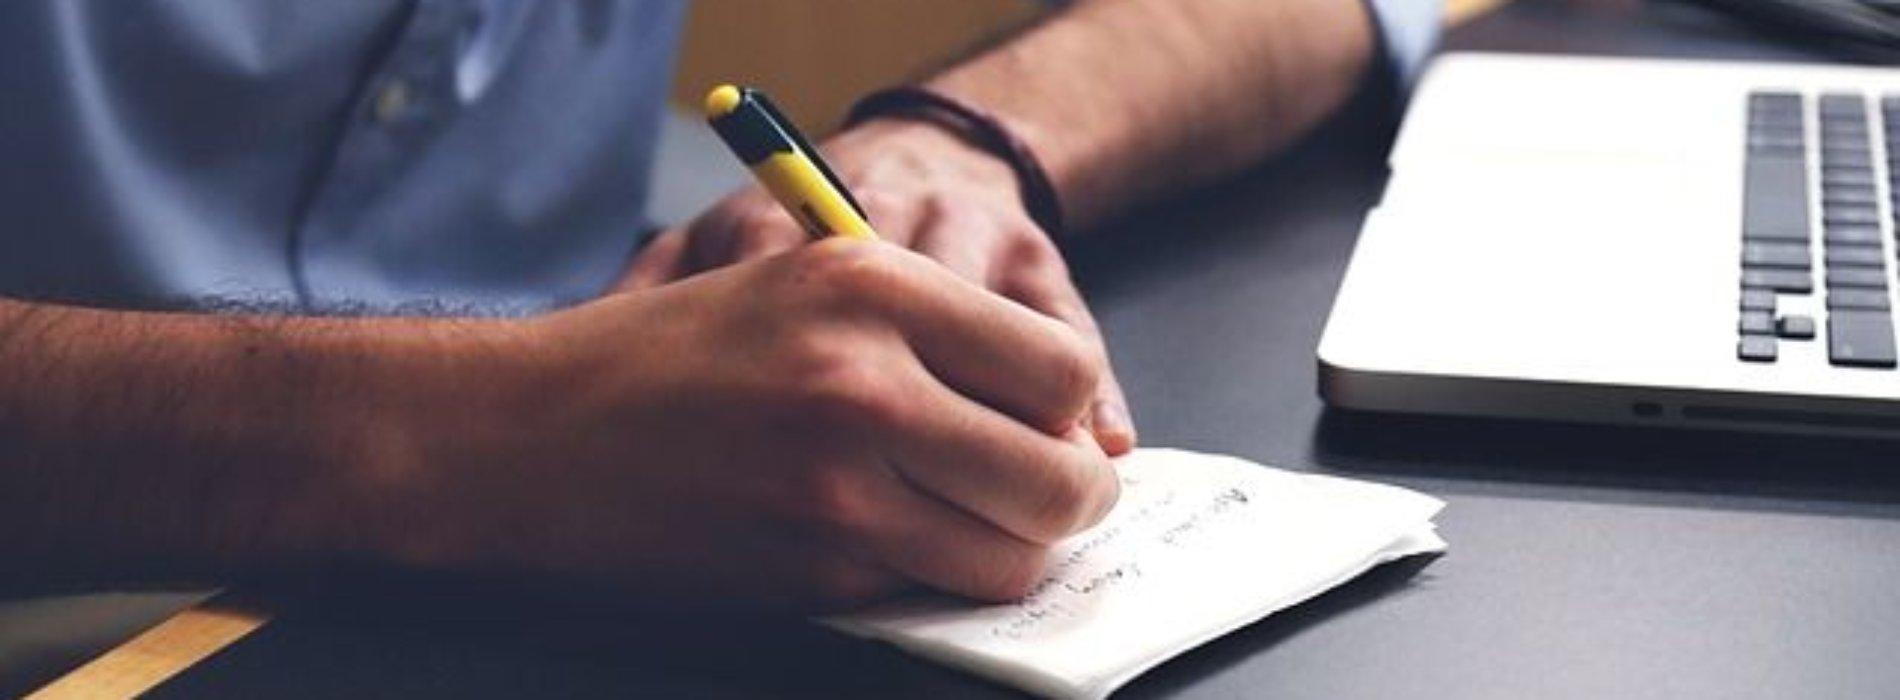 Chcesz finansować faktury przed terminem płatności? Poznaj możliwości faktoringu